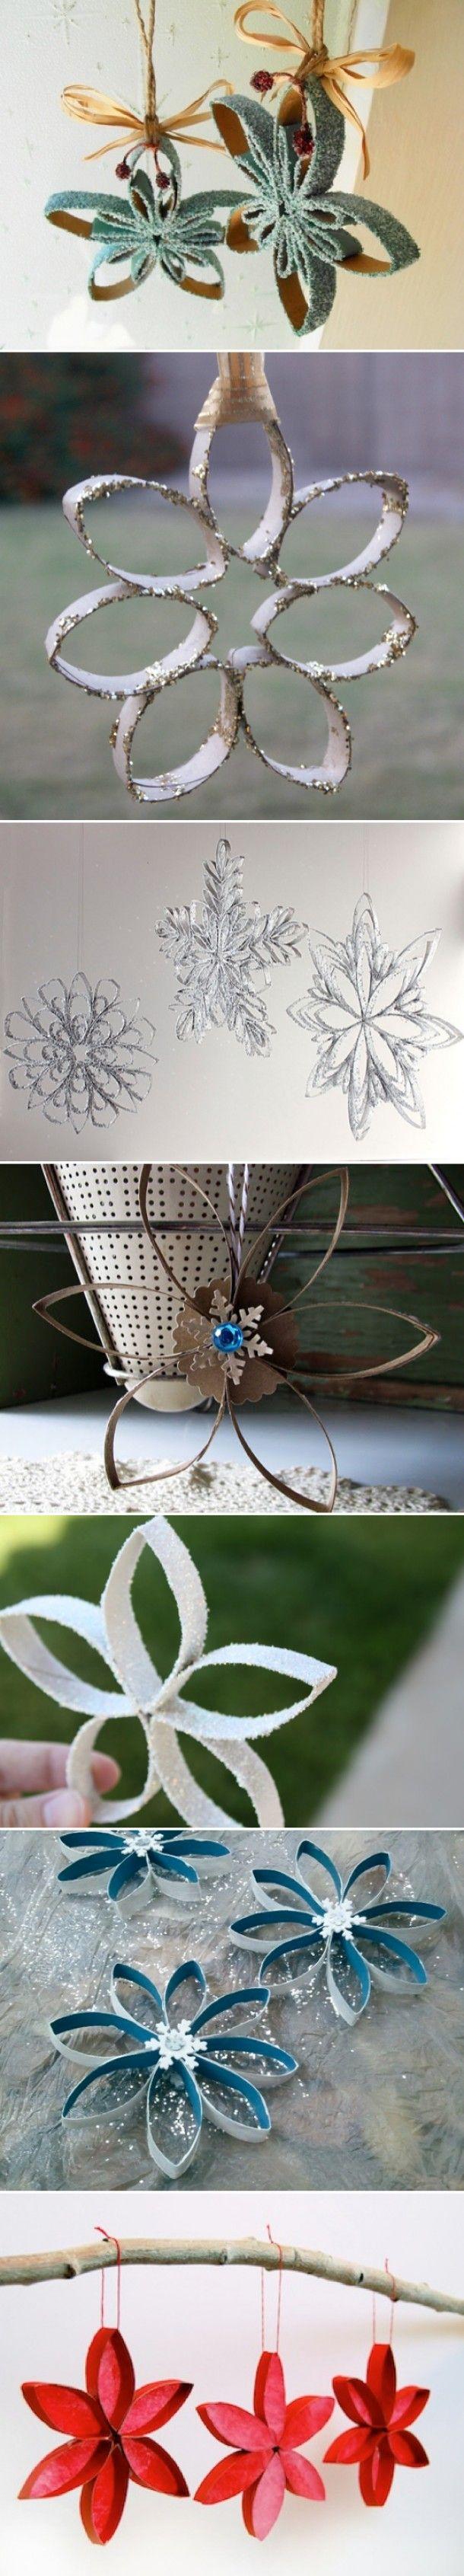 reepjes knippen van wc-rolletjes, op doorschijnend gekleurd papier plakken en in het midden een lampje van een kerstlichtjessnoer - het geheel kun je op een mooie plank bevestigen, zodat je een mooie plank-lamp hebt om waar dan ook te hangen. Door marjon205